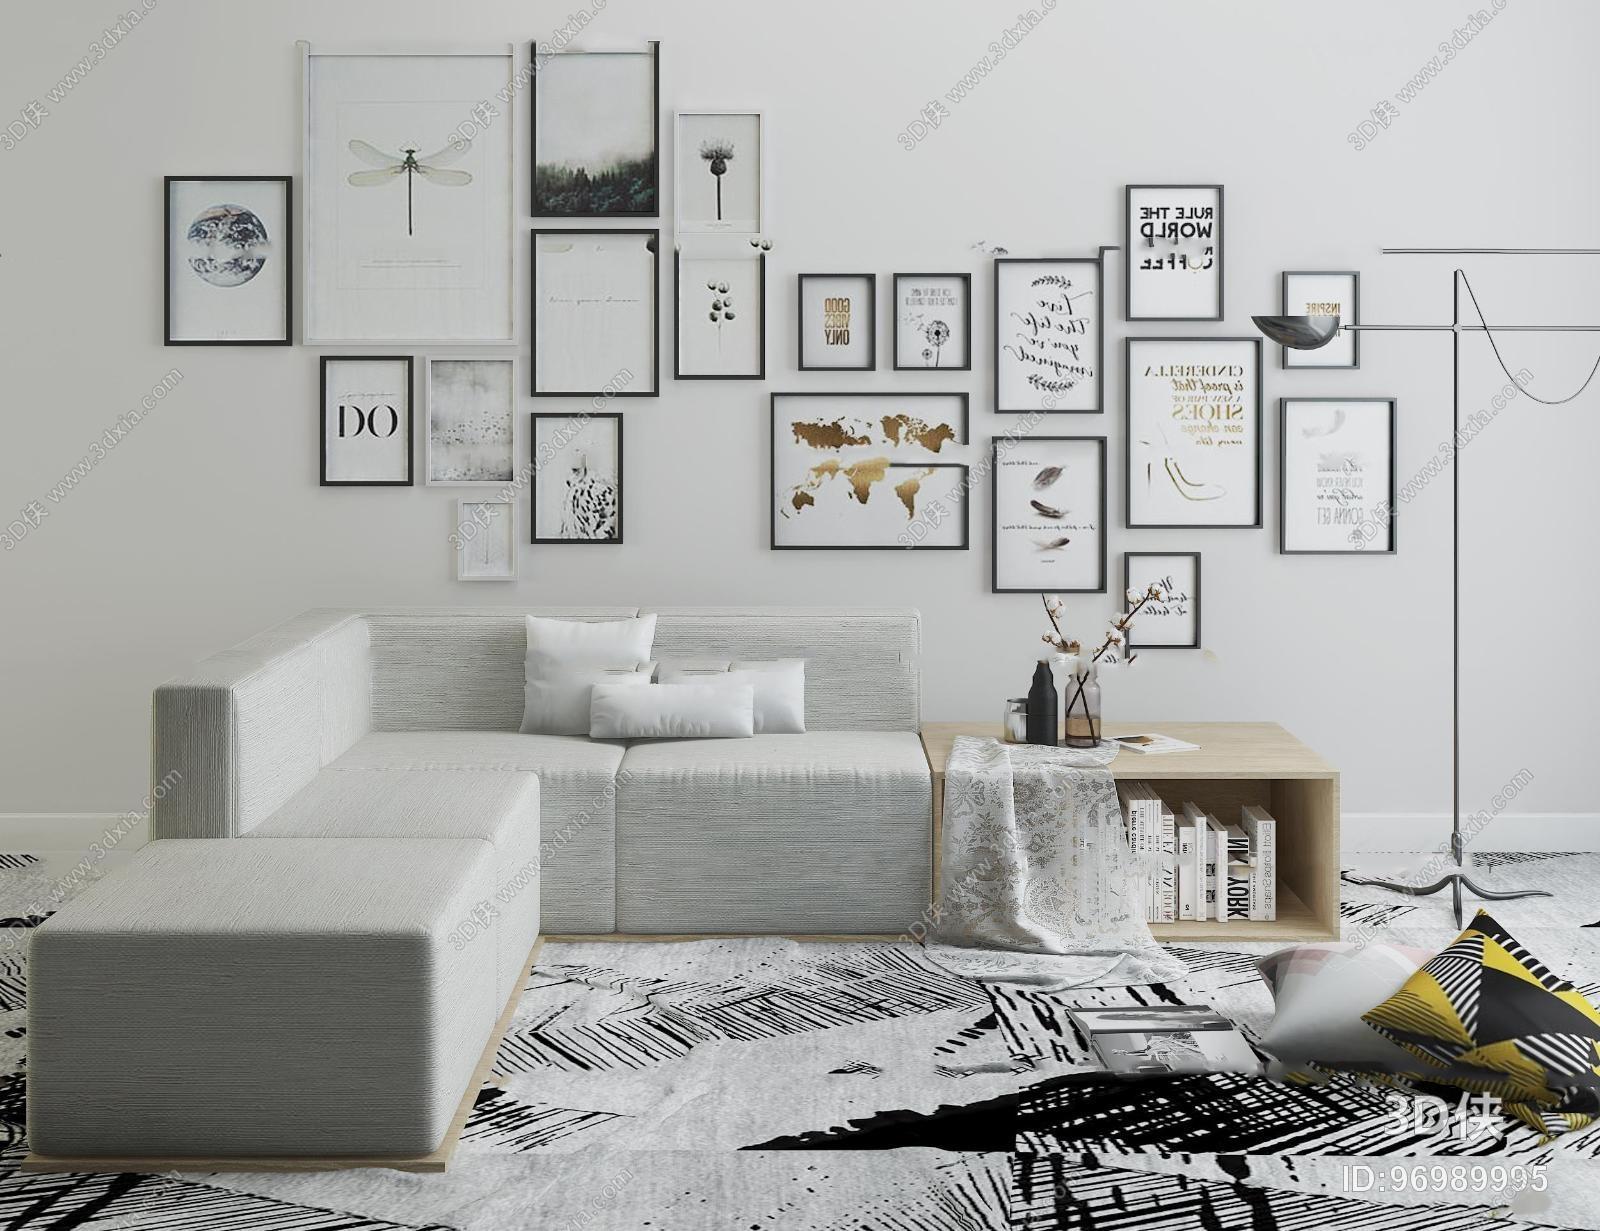 多人沙发效果图素材免费下载,本作品主题是北欧多人转角沙发装饰画